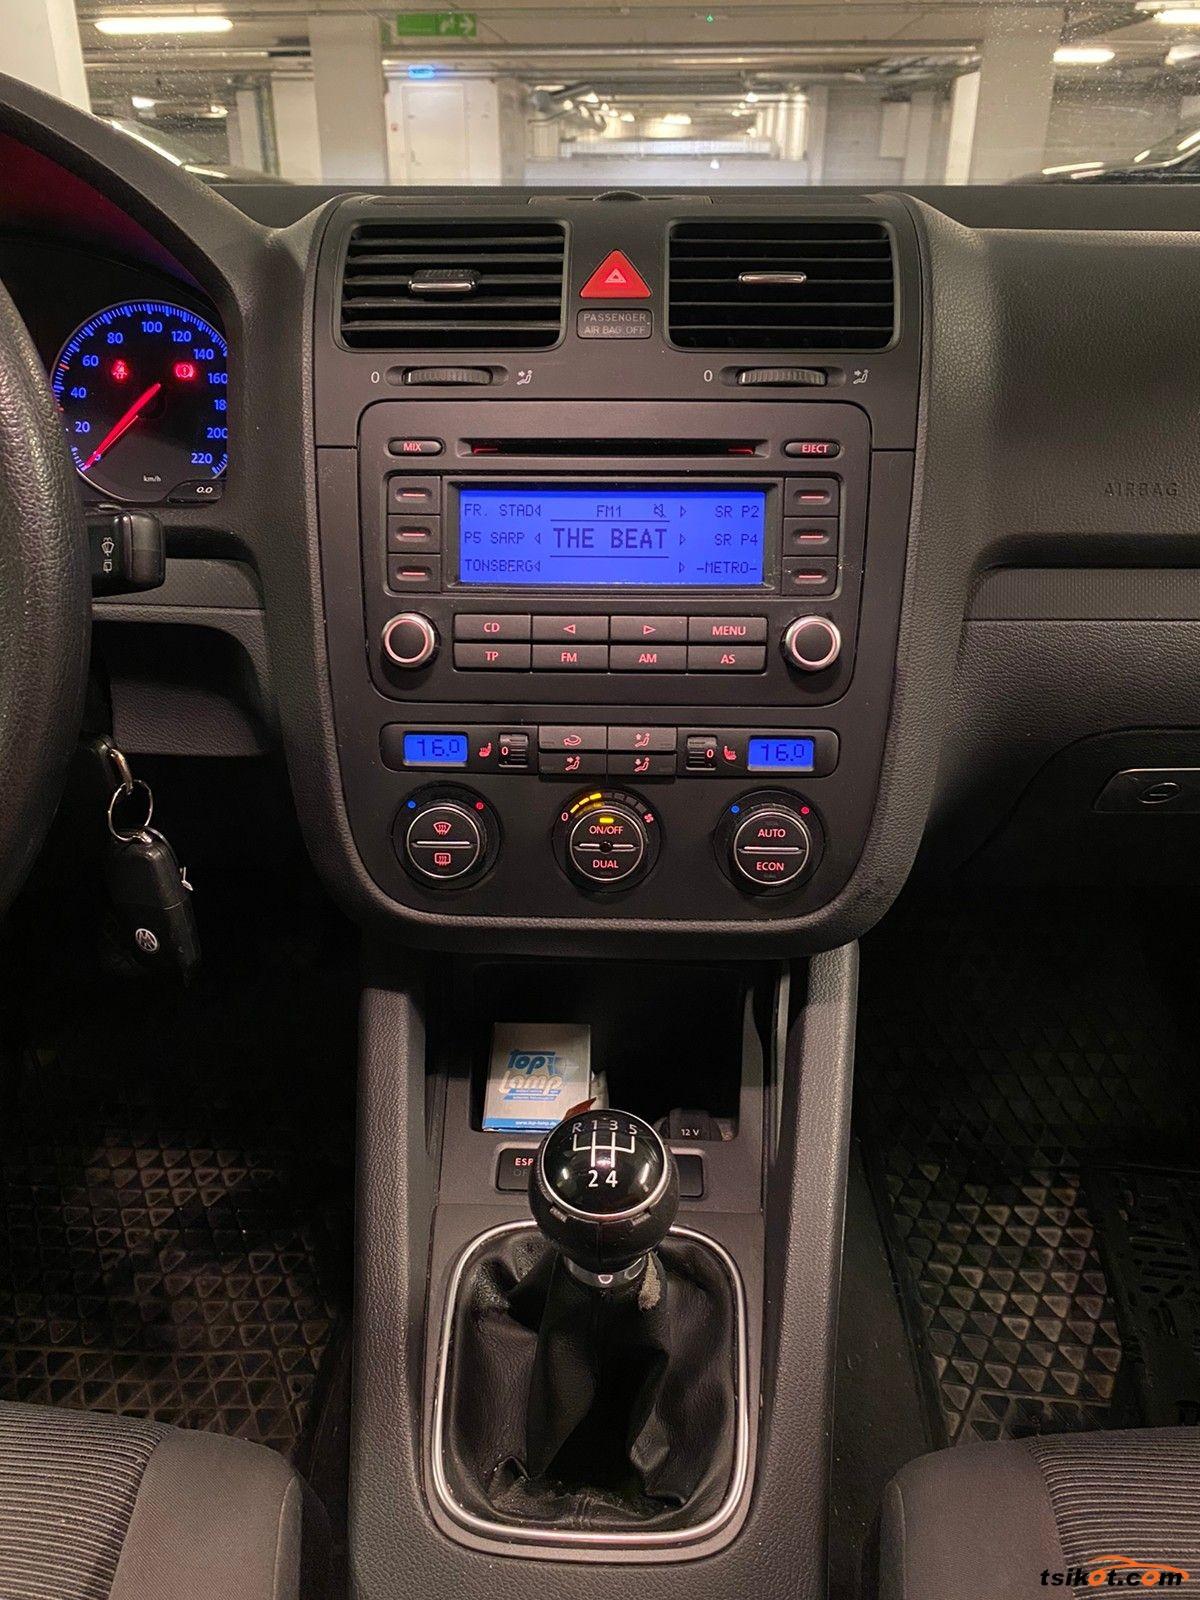 Volkswagen Golf 2006 - 3